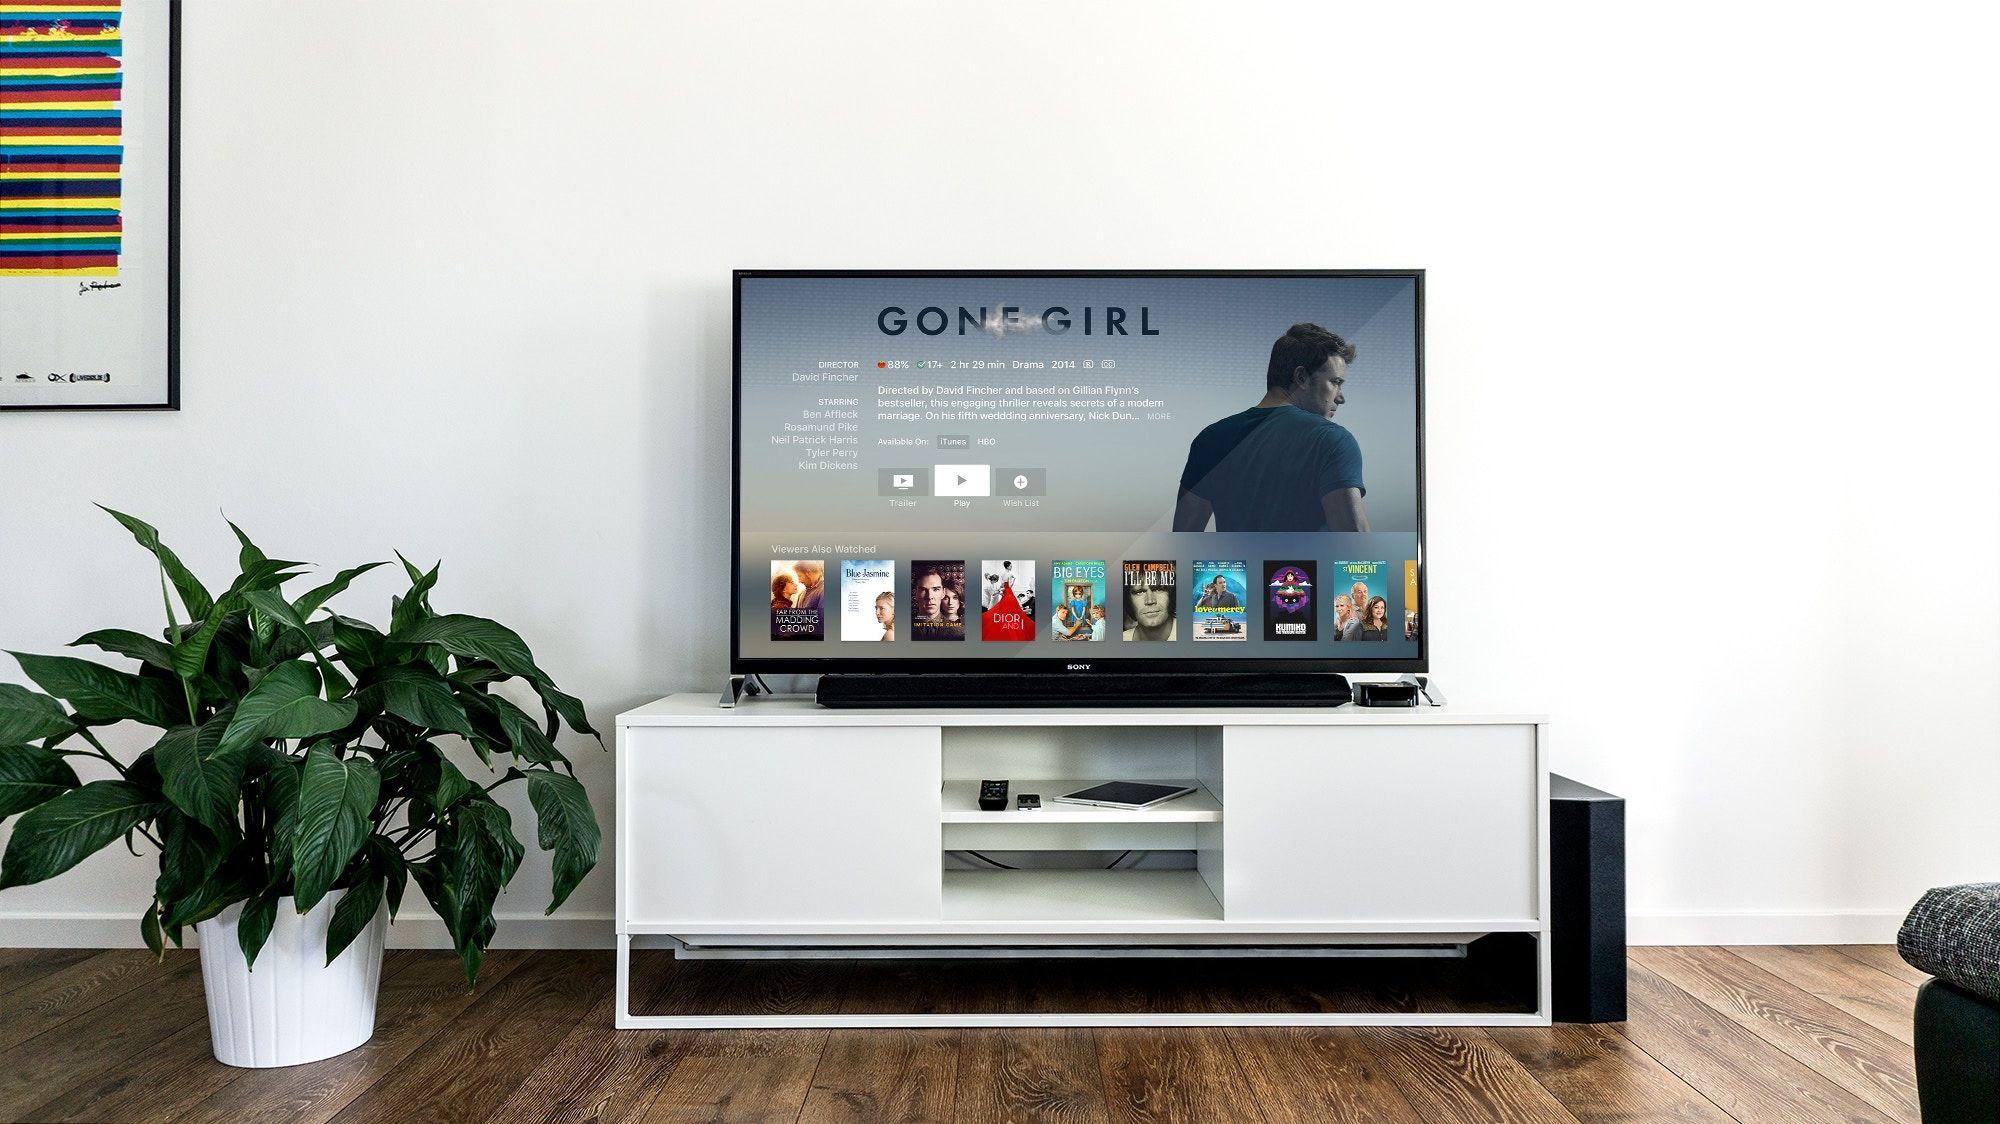 Na mídia: público quer trocar assinatura de TV por Netflix